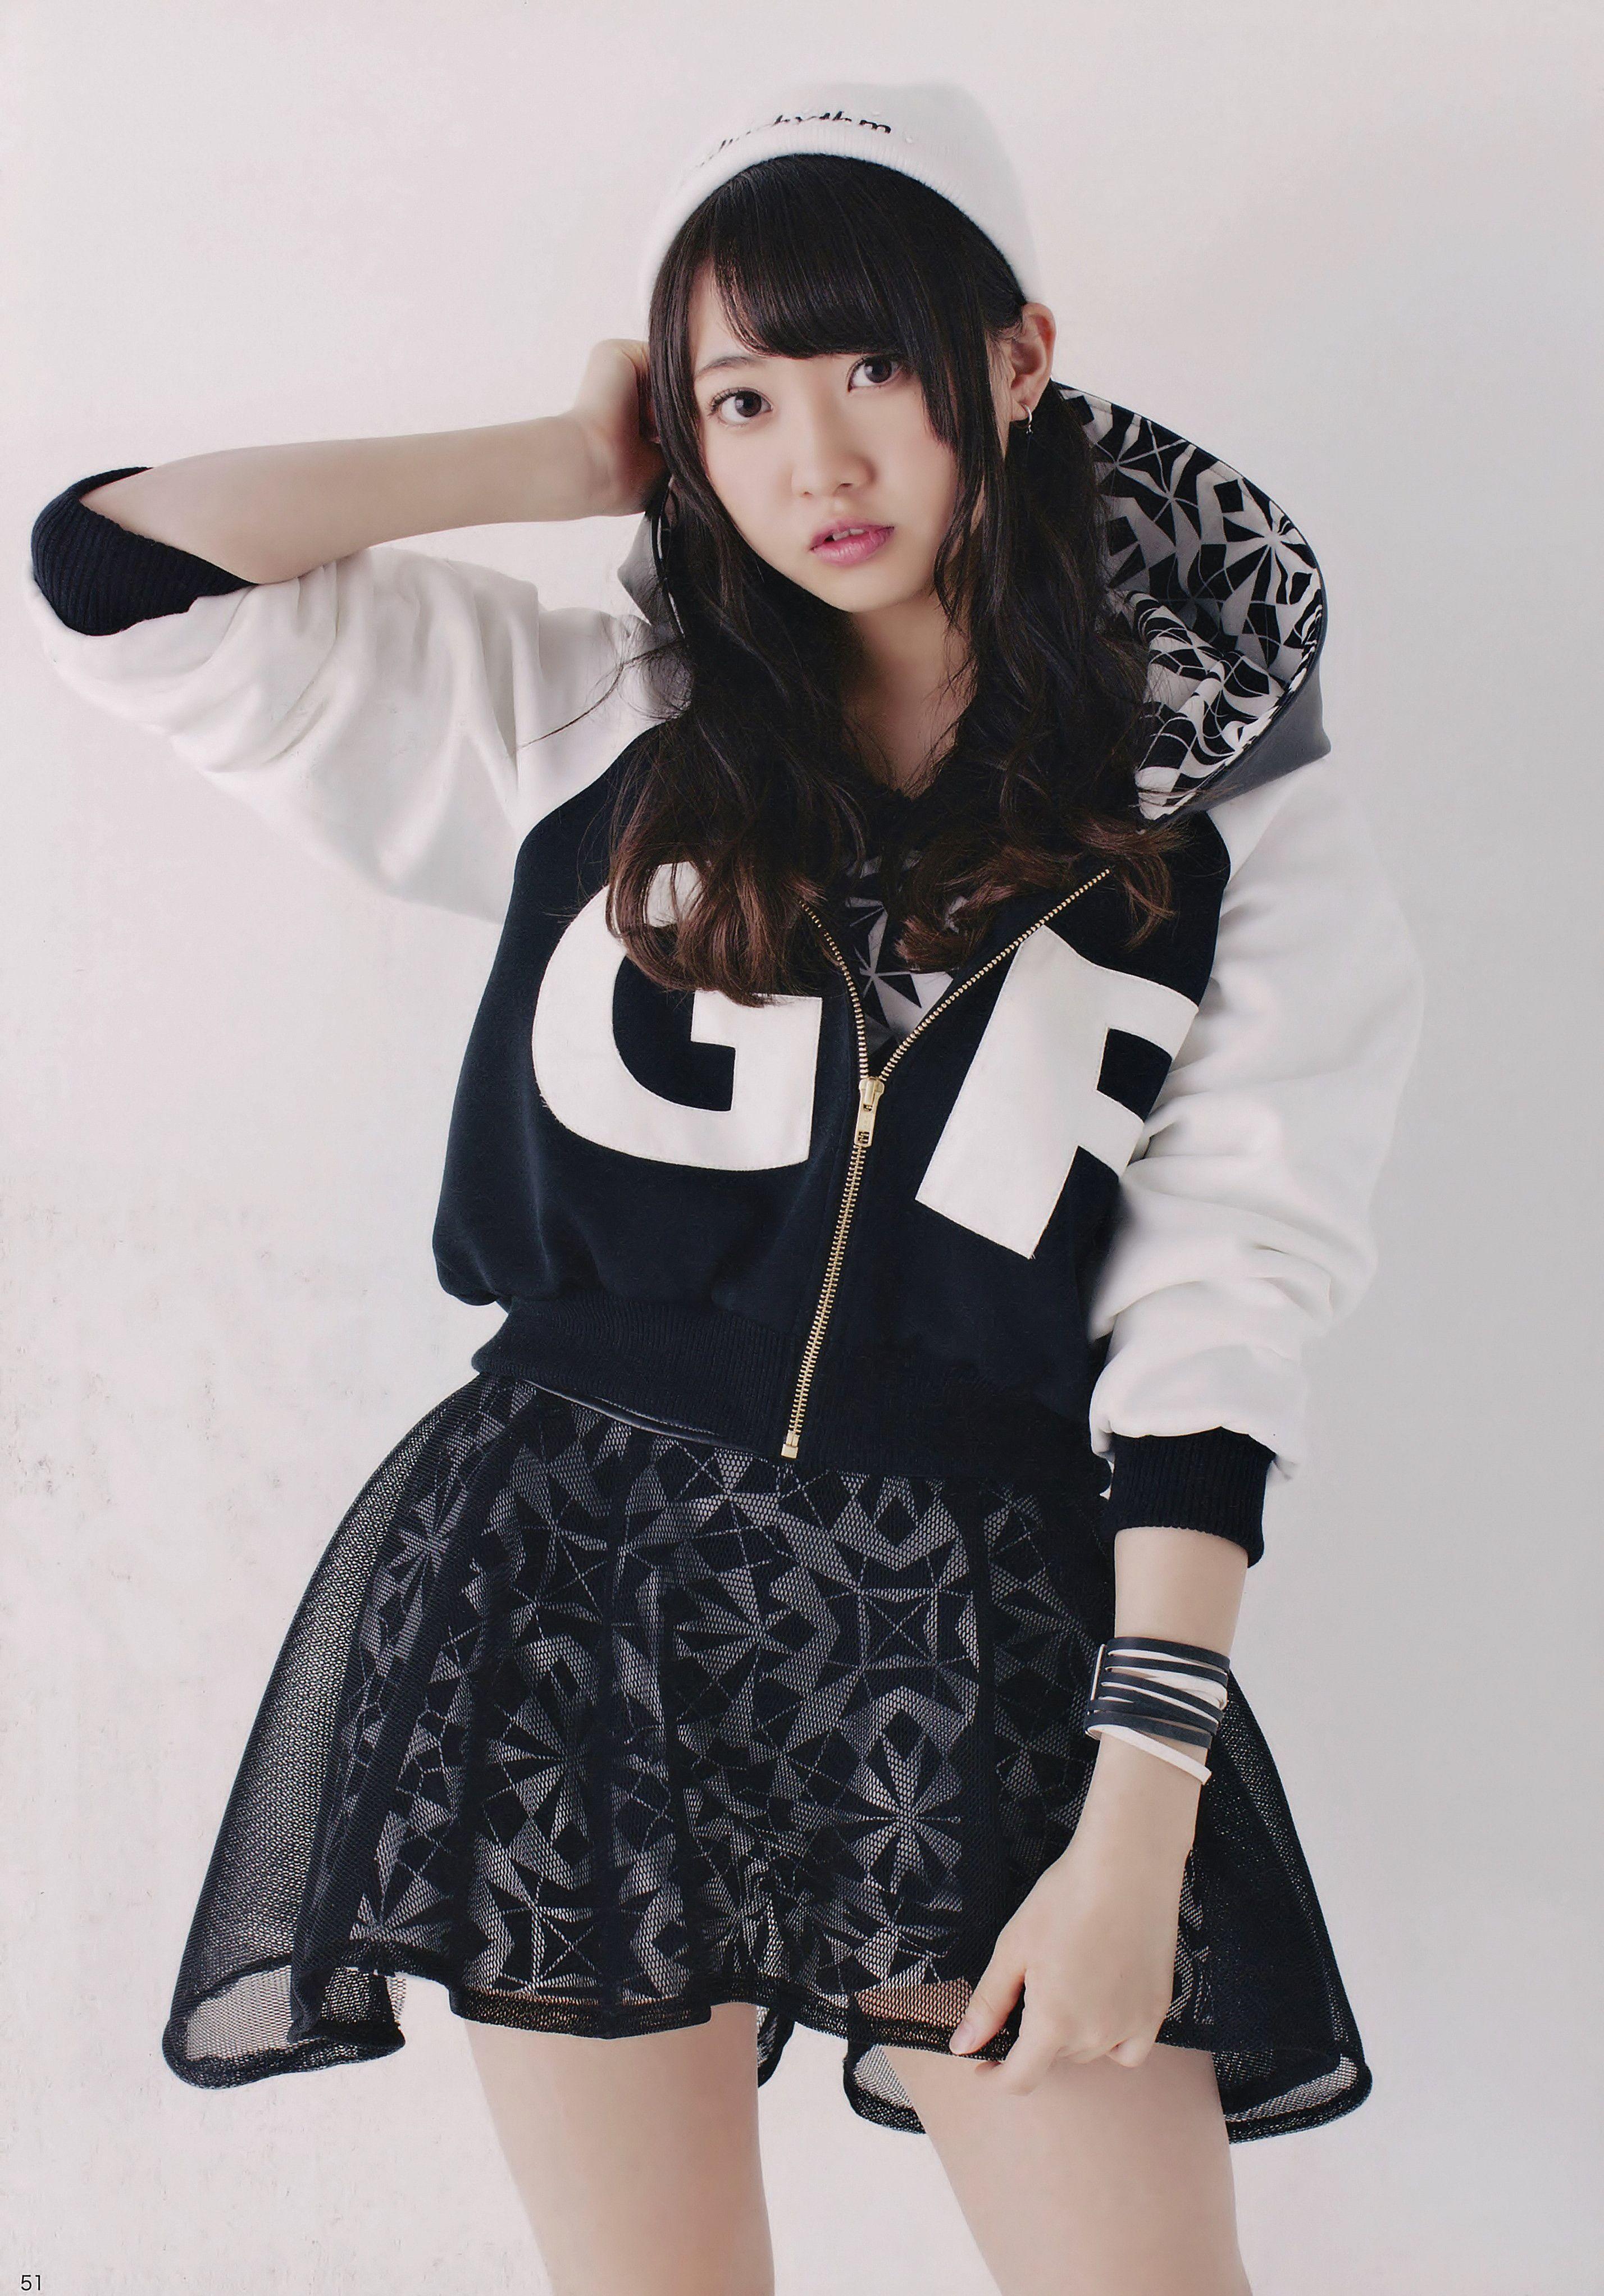 Kizaki Yuria